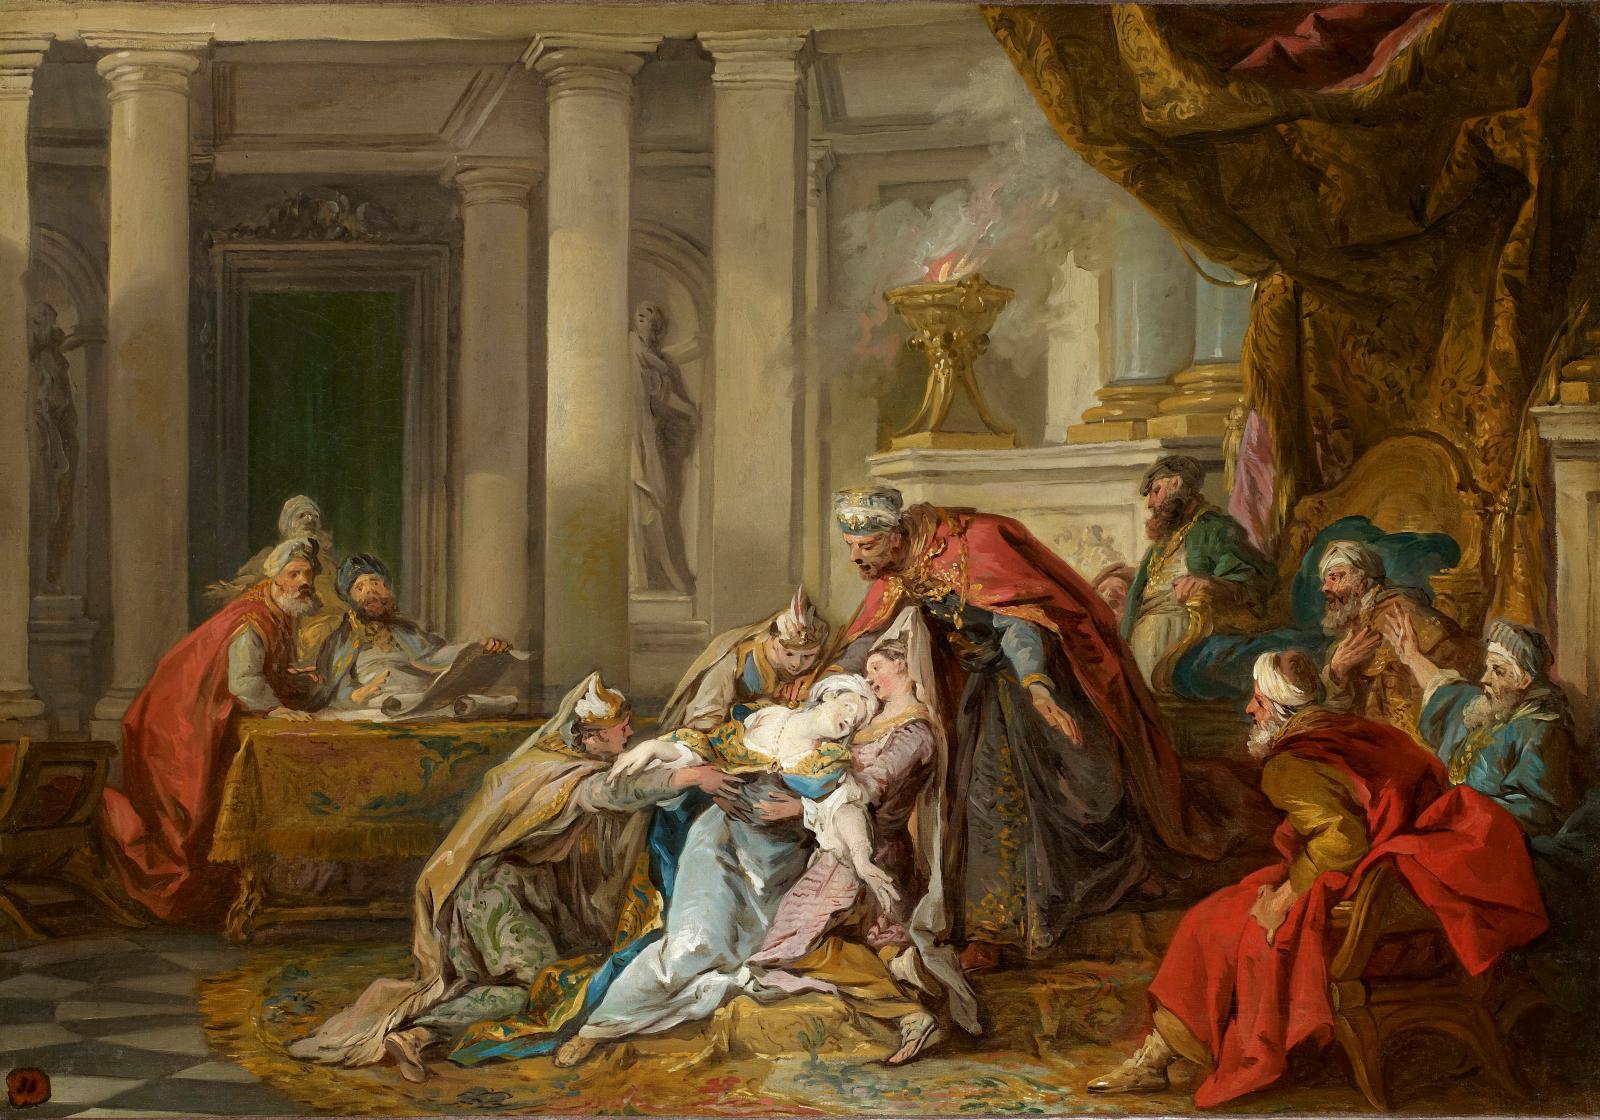 Jean-François de Troy (1679-1752), L'Evanouissement d'Esther, huile sur toile, 55 cm x 80 cm, collection privée, par courtoisie de la galerie Eric Coa